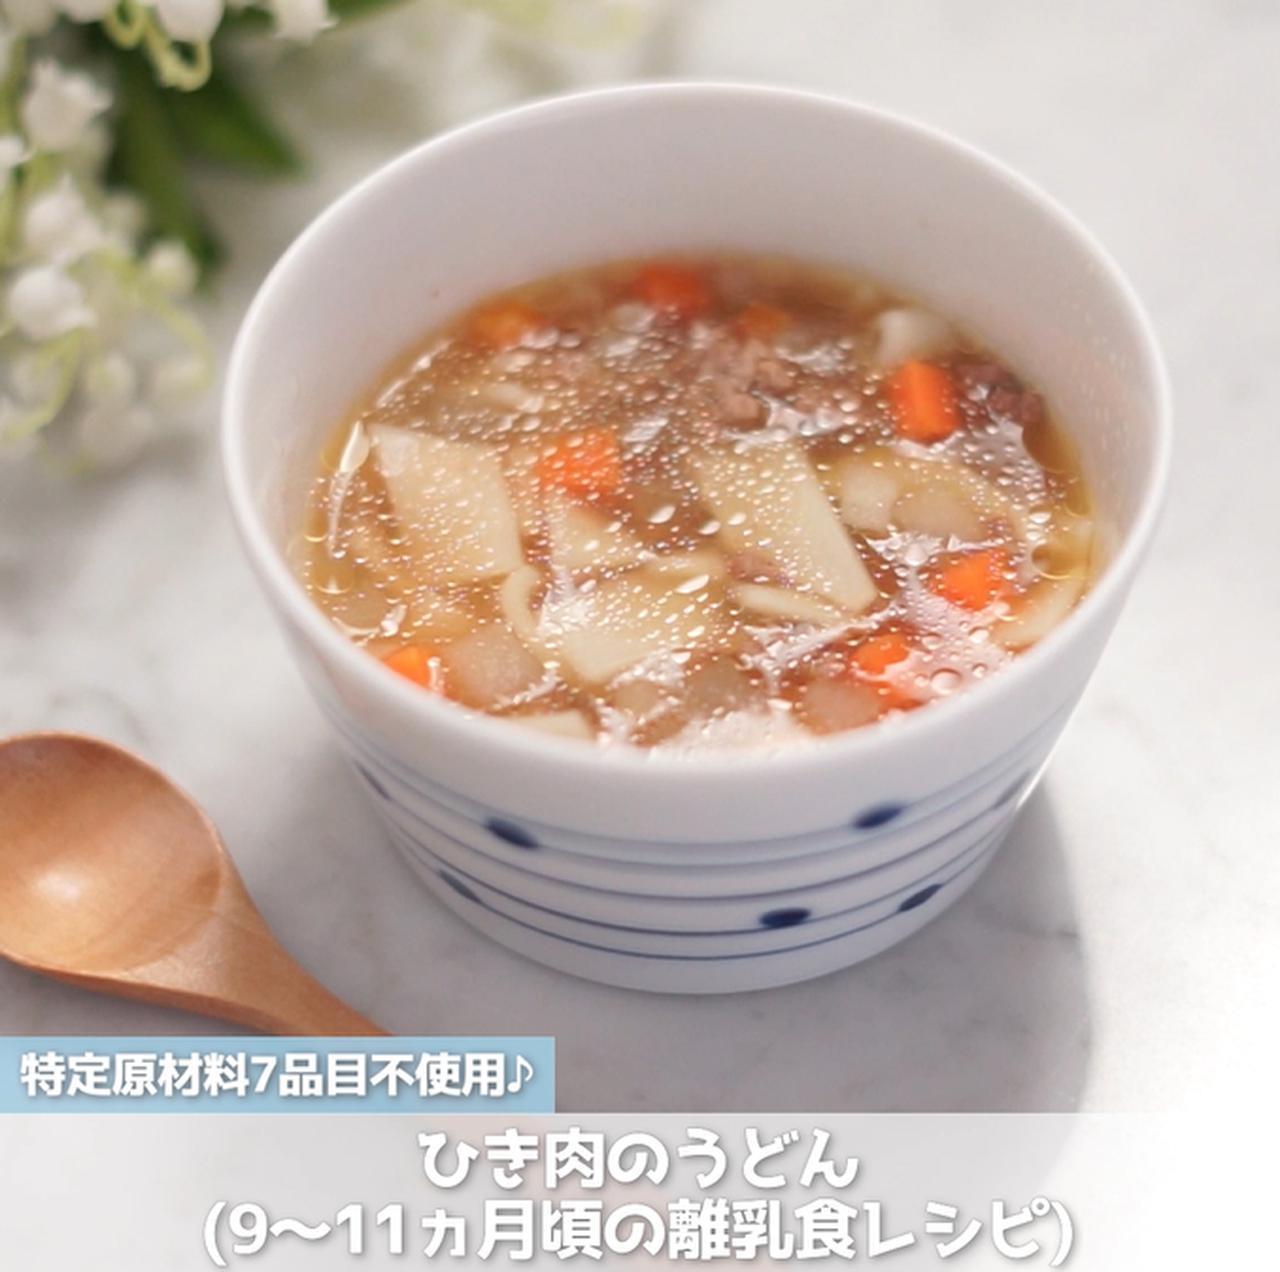 画像: 離乳食 後期レシピ!フォーで作るひき肉うどん - 君とごはん